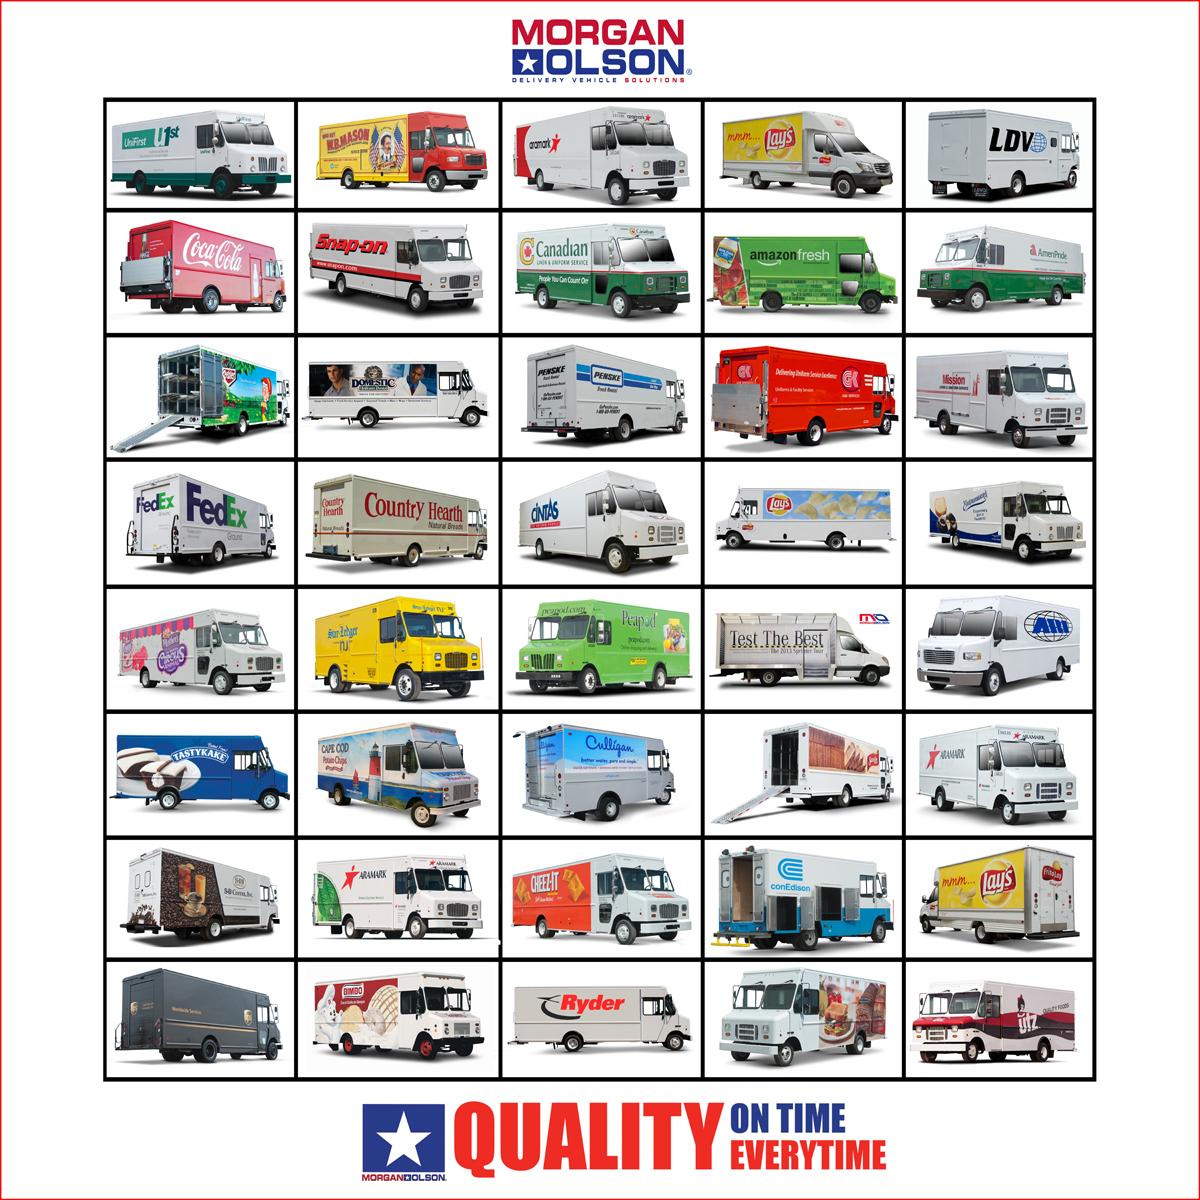 Morgan-Olson-food-truck-AAA-portfolio1